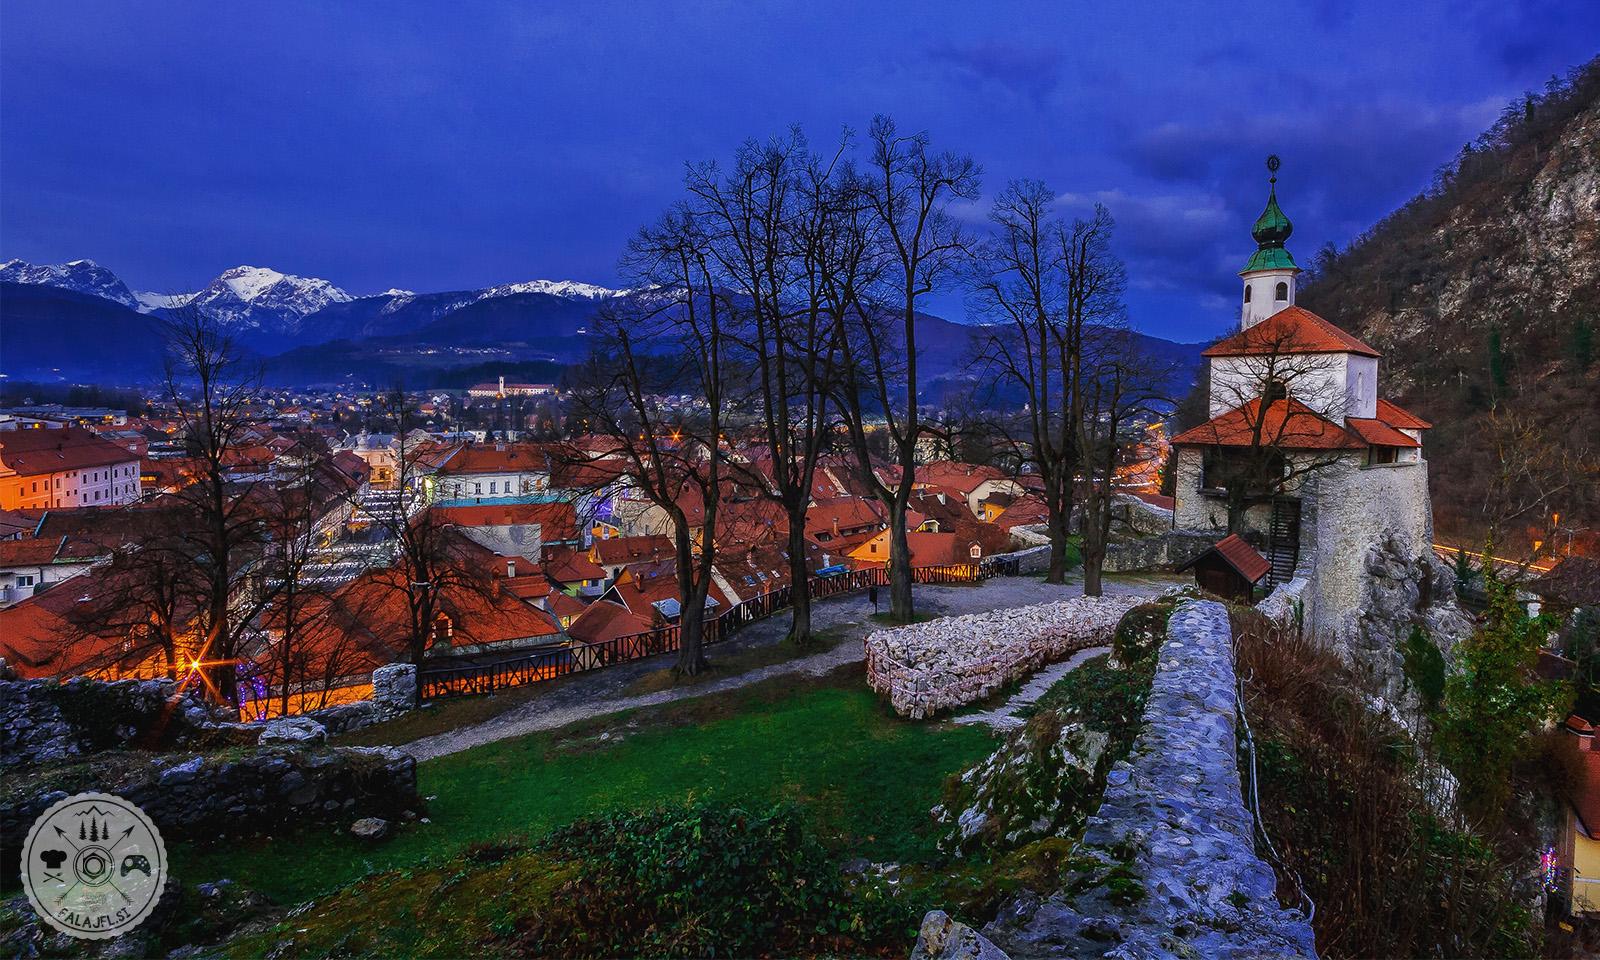 Falajfl na obisku | Mali grad Kamnik